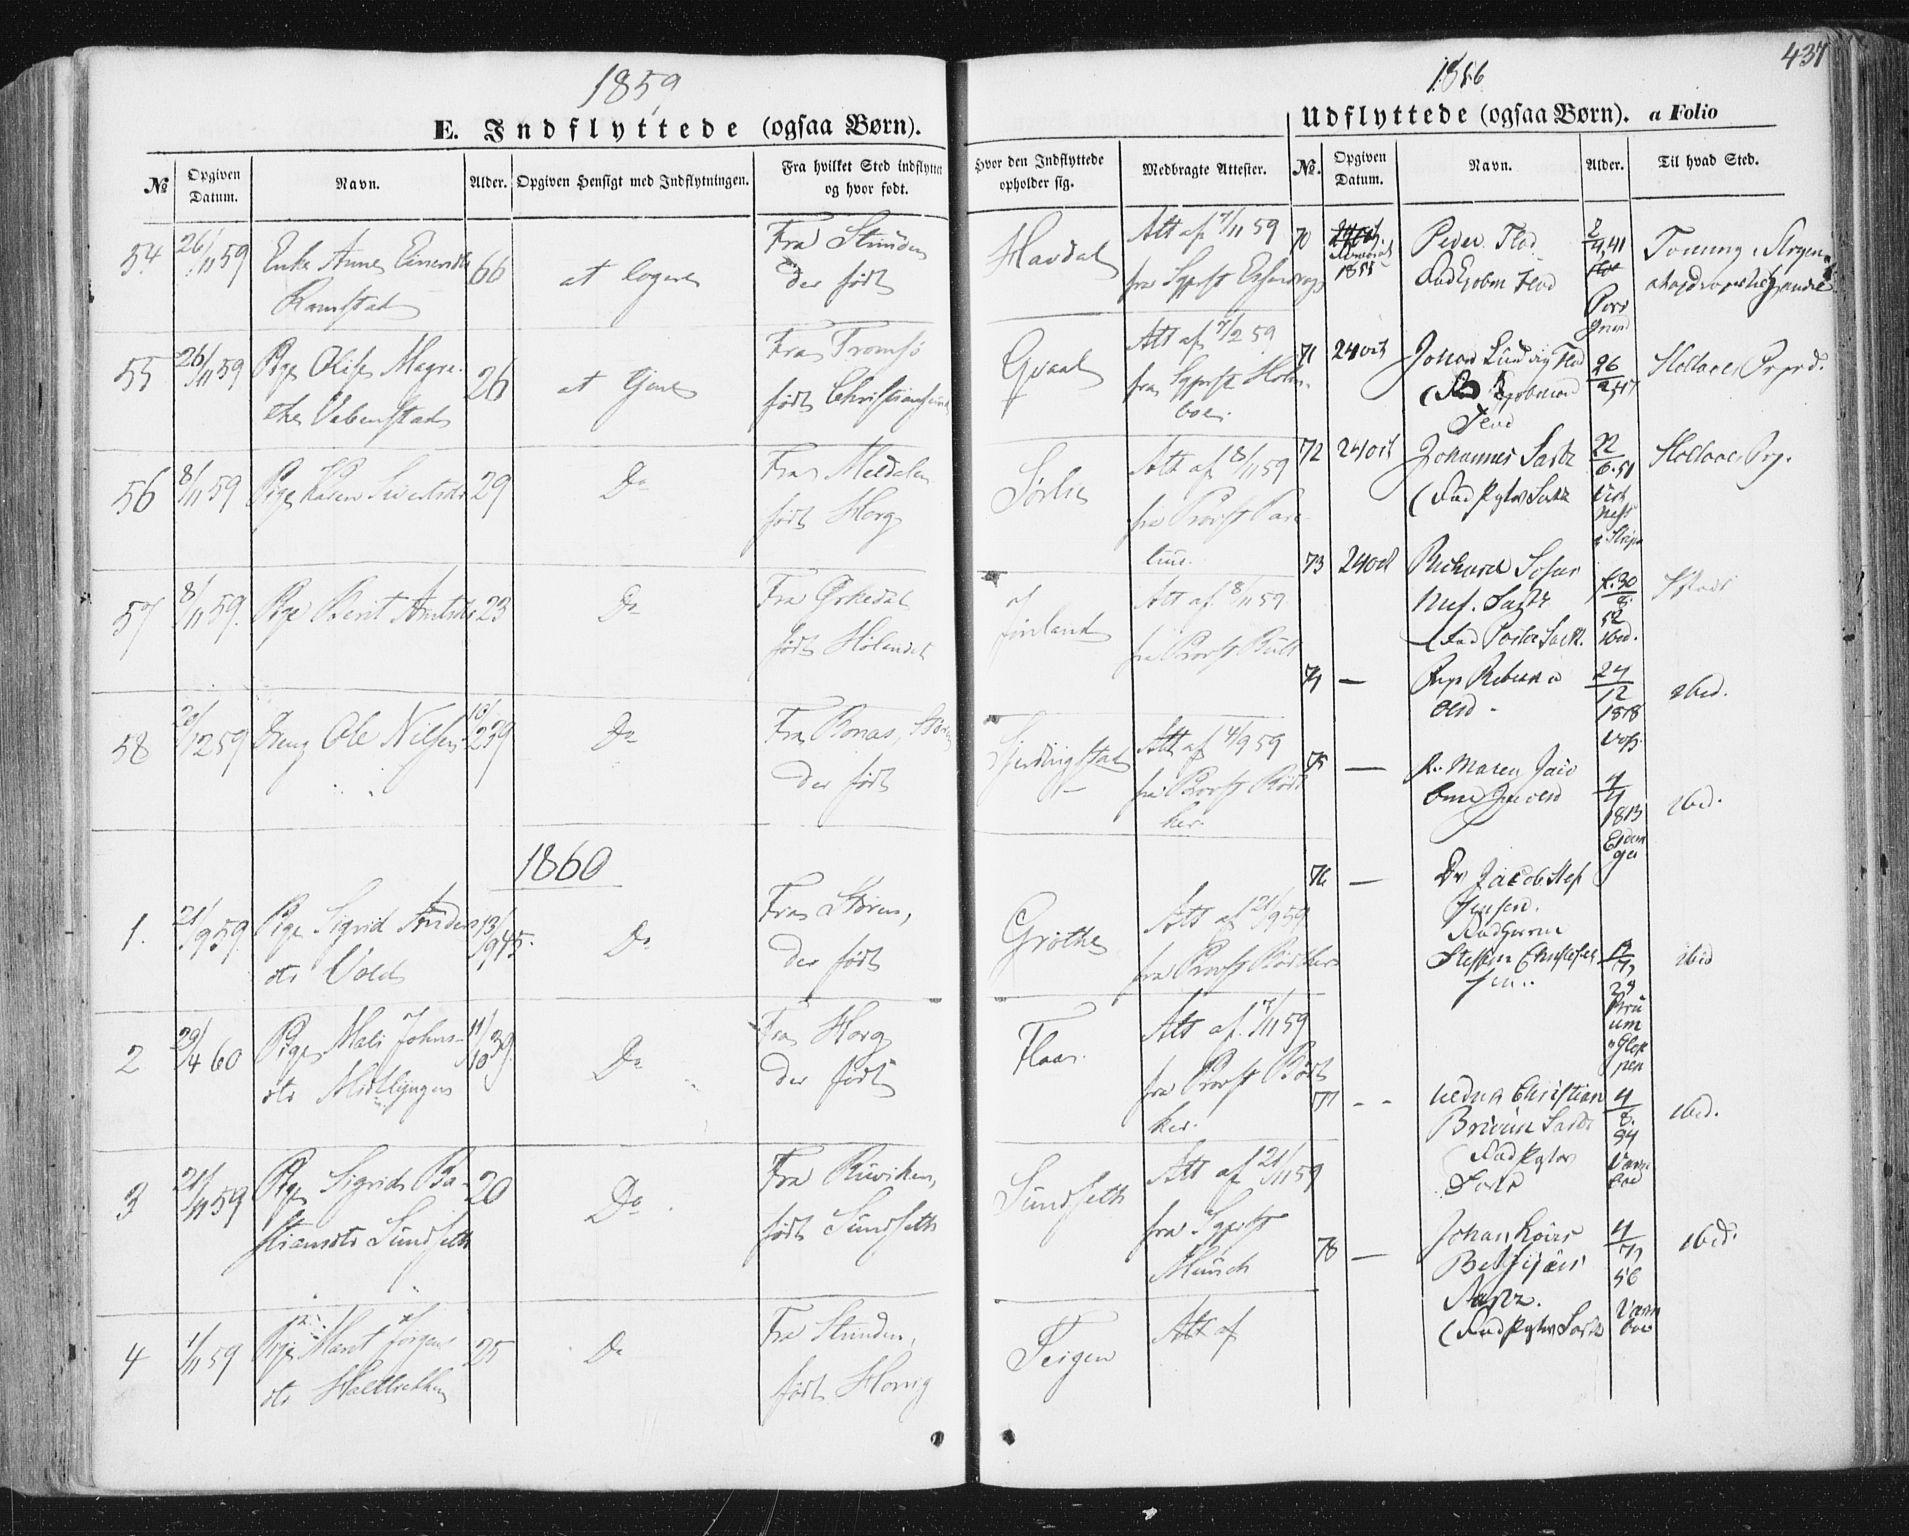 SAT, Ministerialprotokoller, klokkerbøker og fødselsregistre - Sør-Trøndelag, 691/L1076: Ministerialbok nr. 691A08, 1852-1861, s. 437